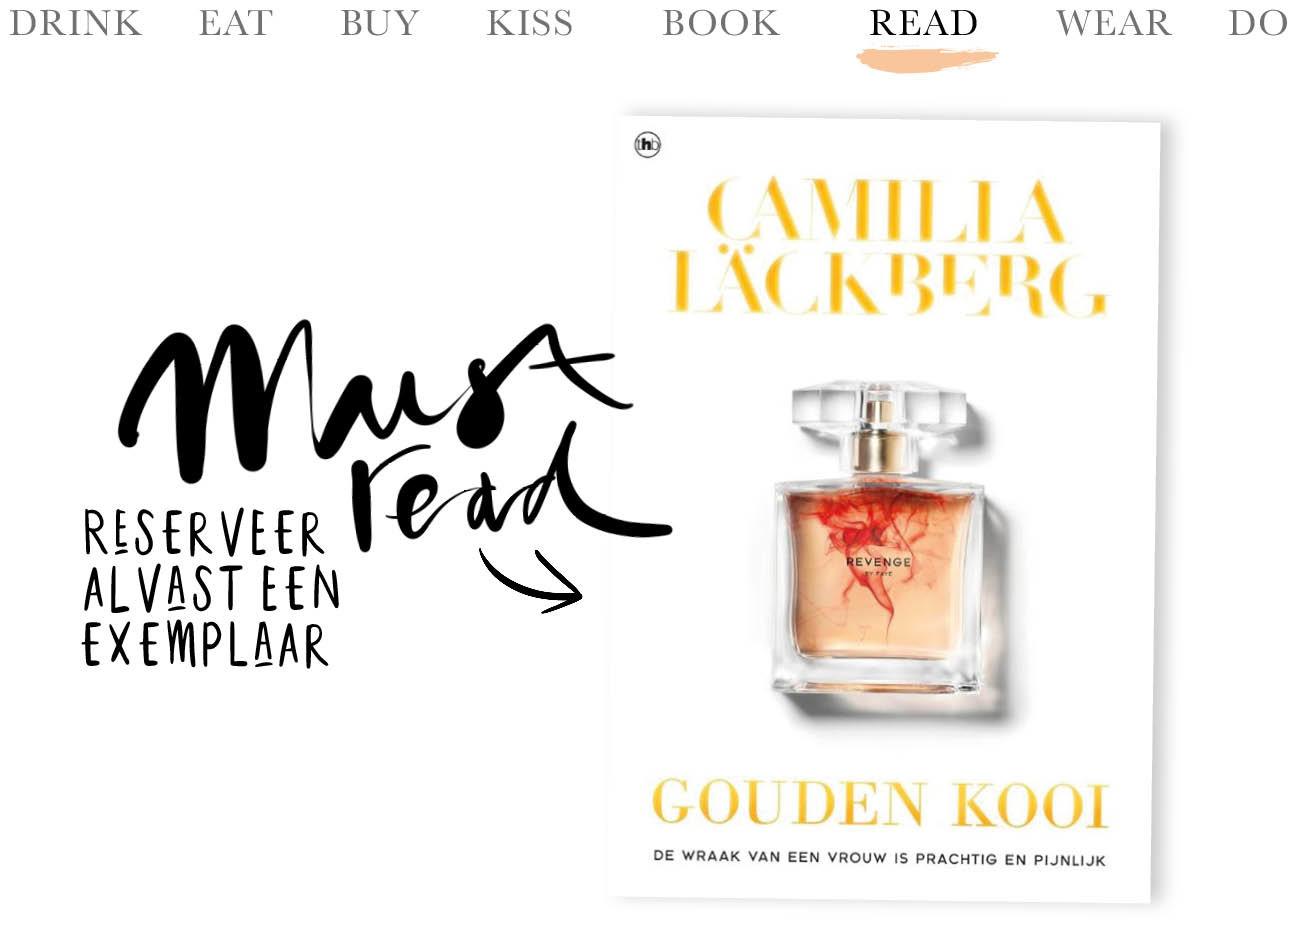 Boek Gouden Kooi van Camilla Lackberg Today We